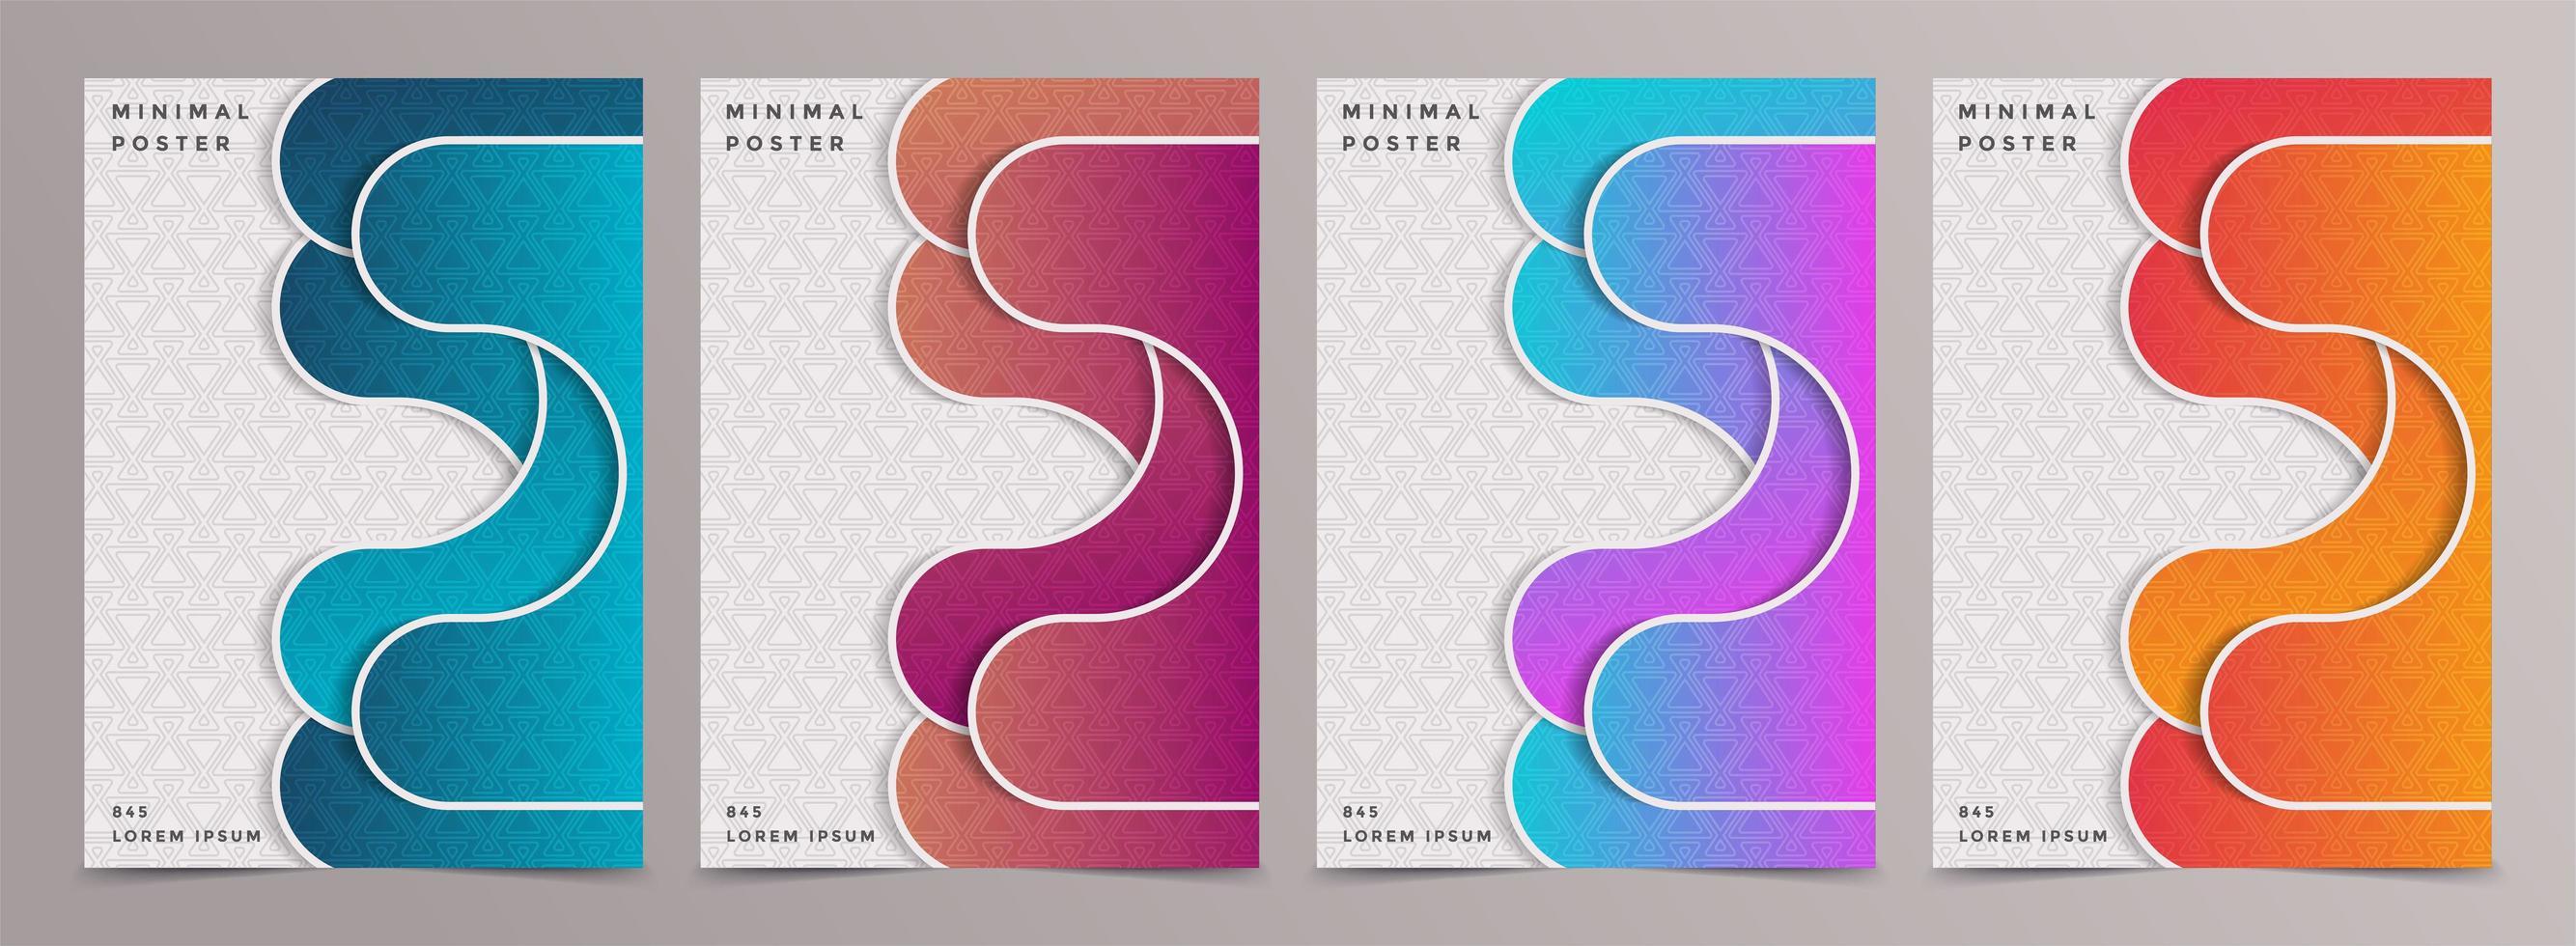 conception de motifs de couvertures colorées minimales. vecteur